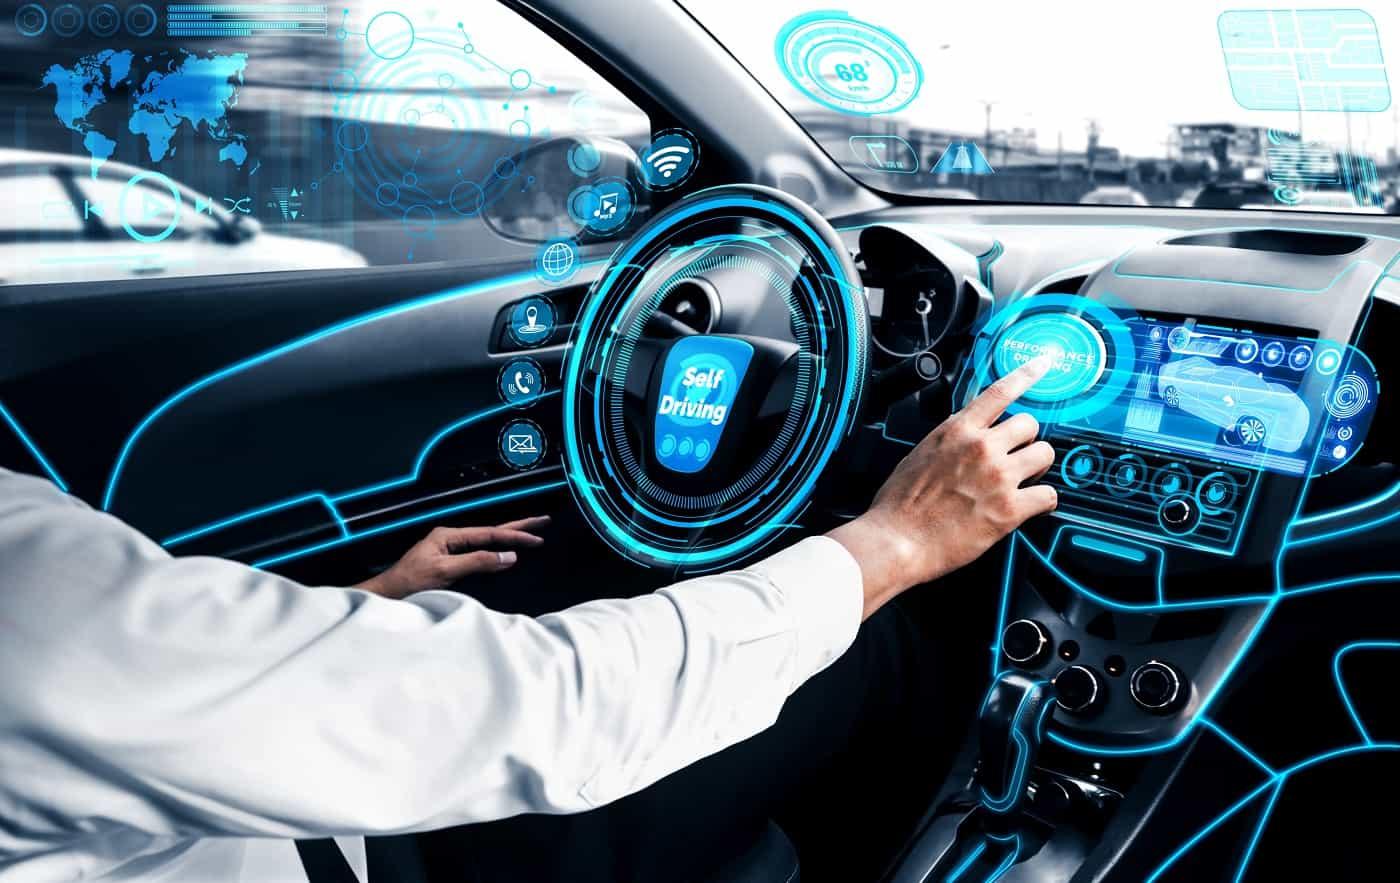 Concepo de coche inteligente coches conectados